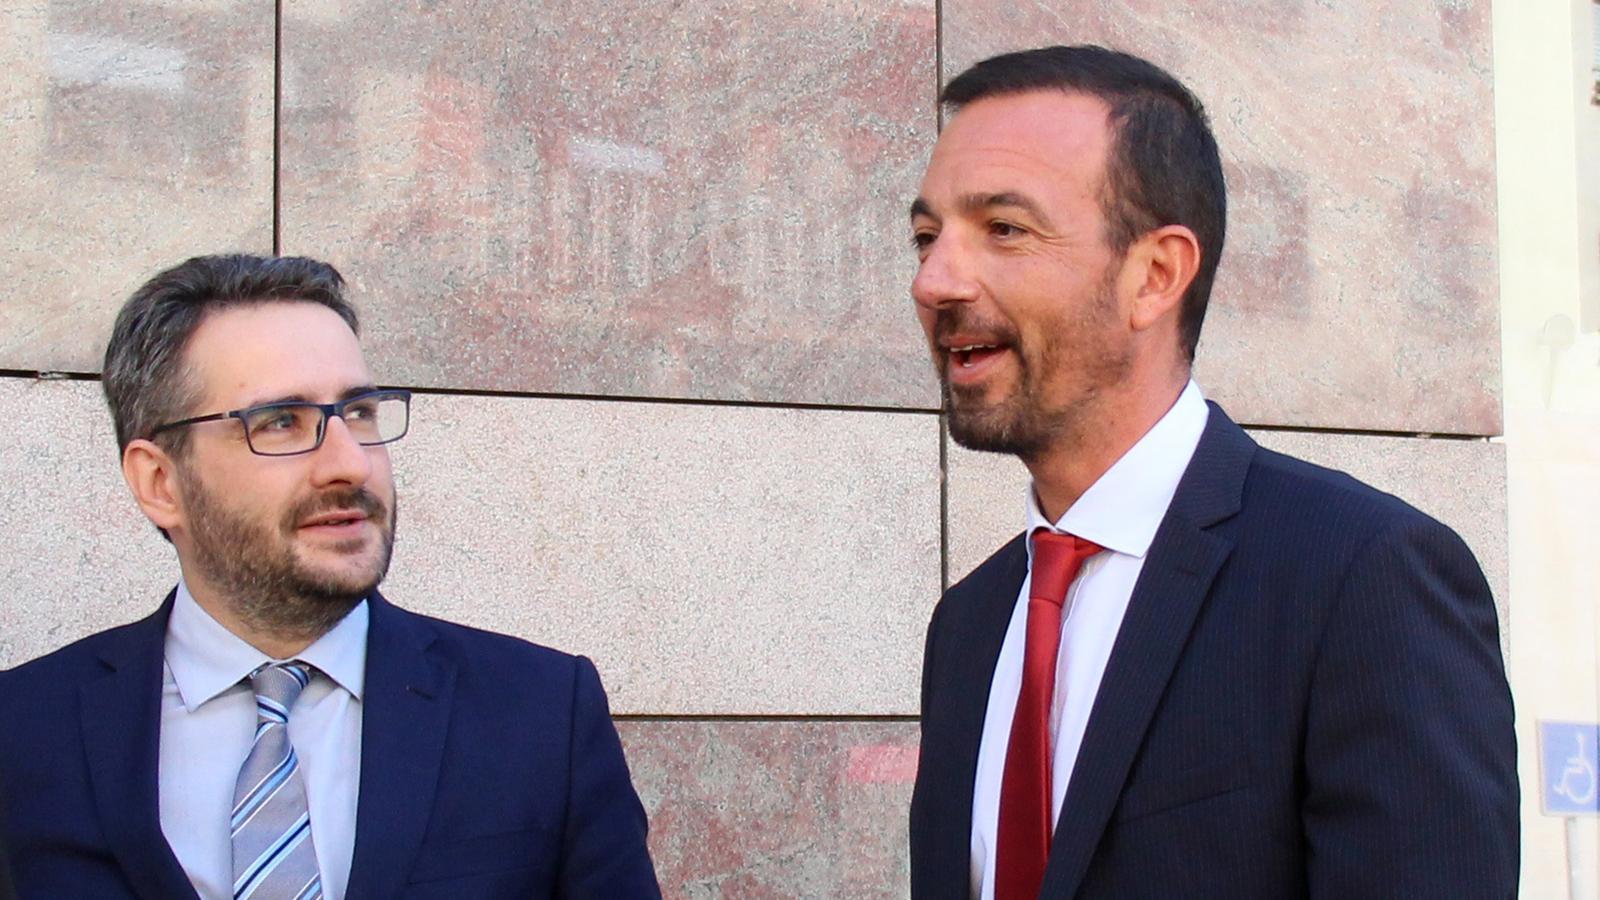 El ministre d'Ordenament Territorial, Jordi Torres, durant la inauguració del camí escolar d'Escaldes. / C.G. (ANA)